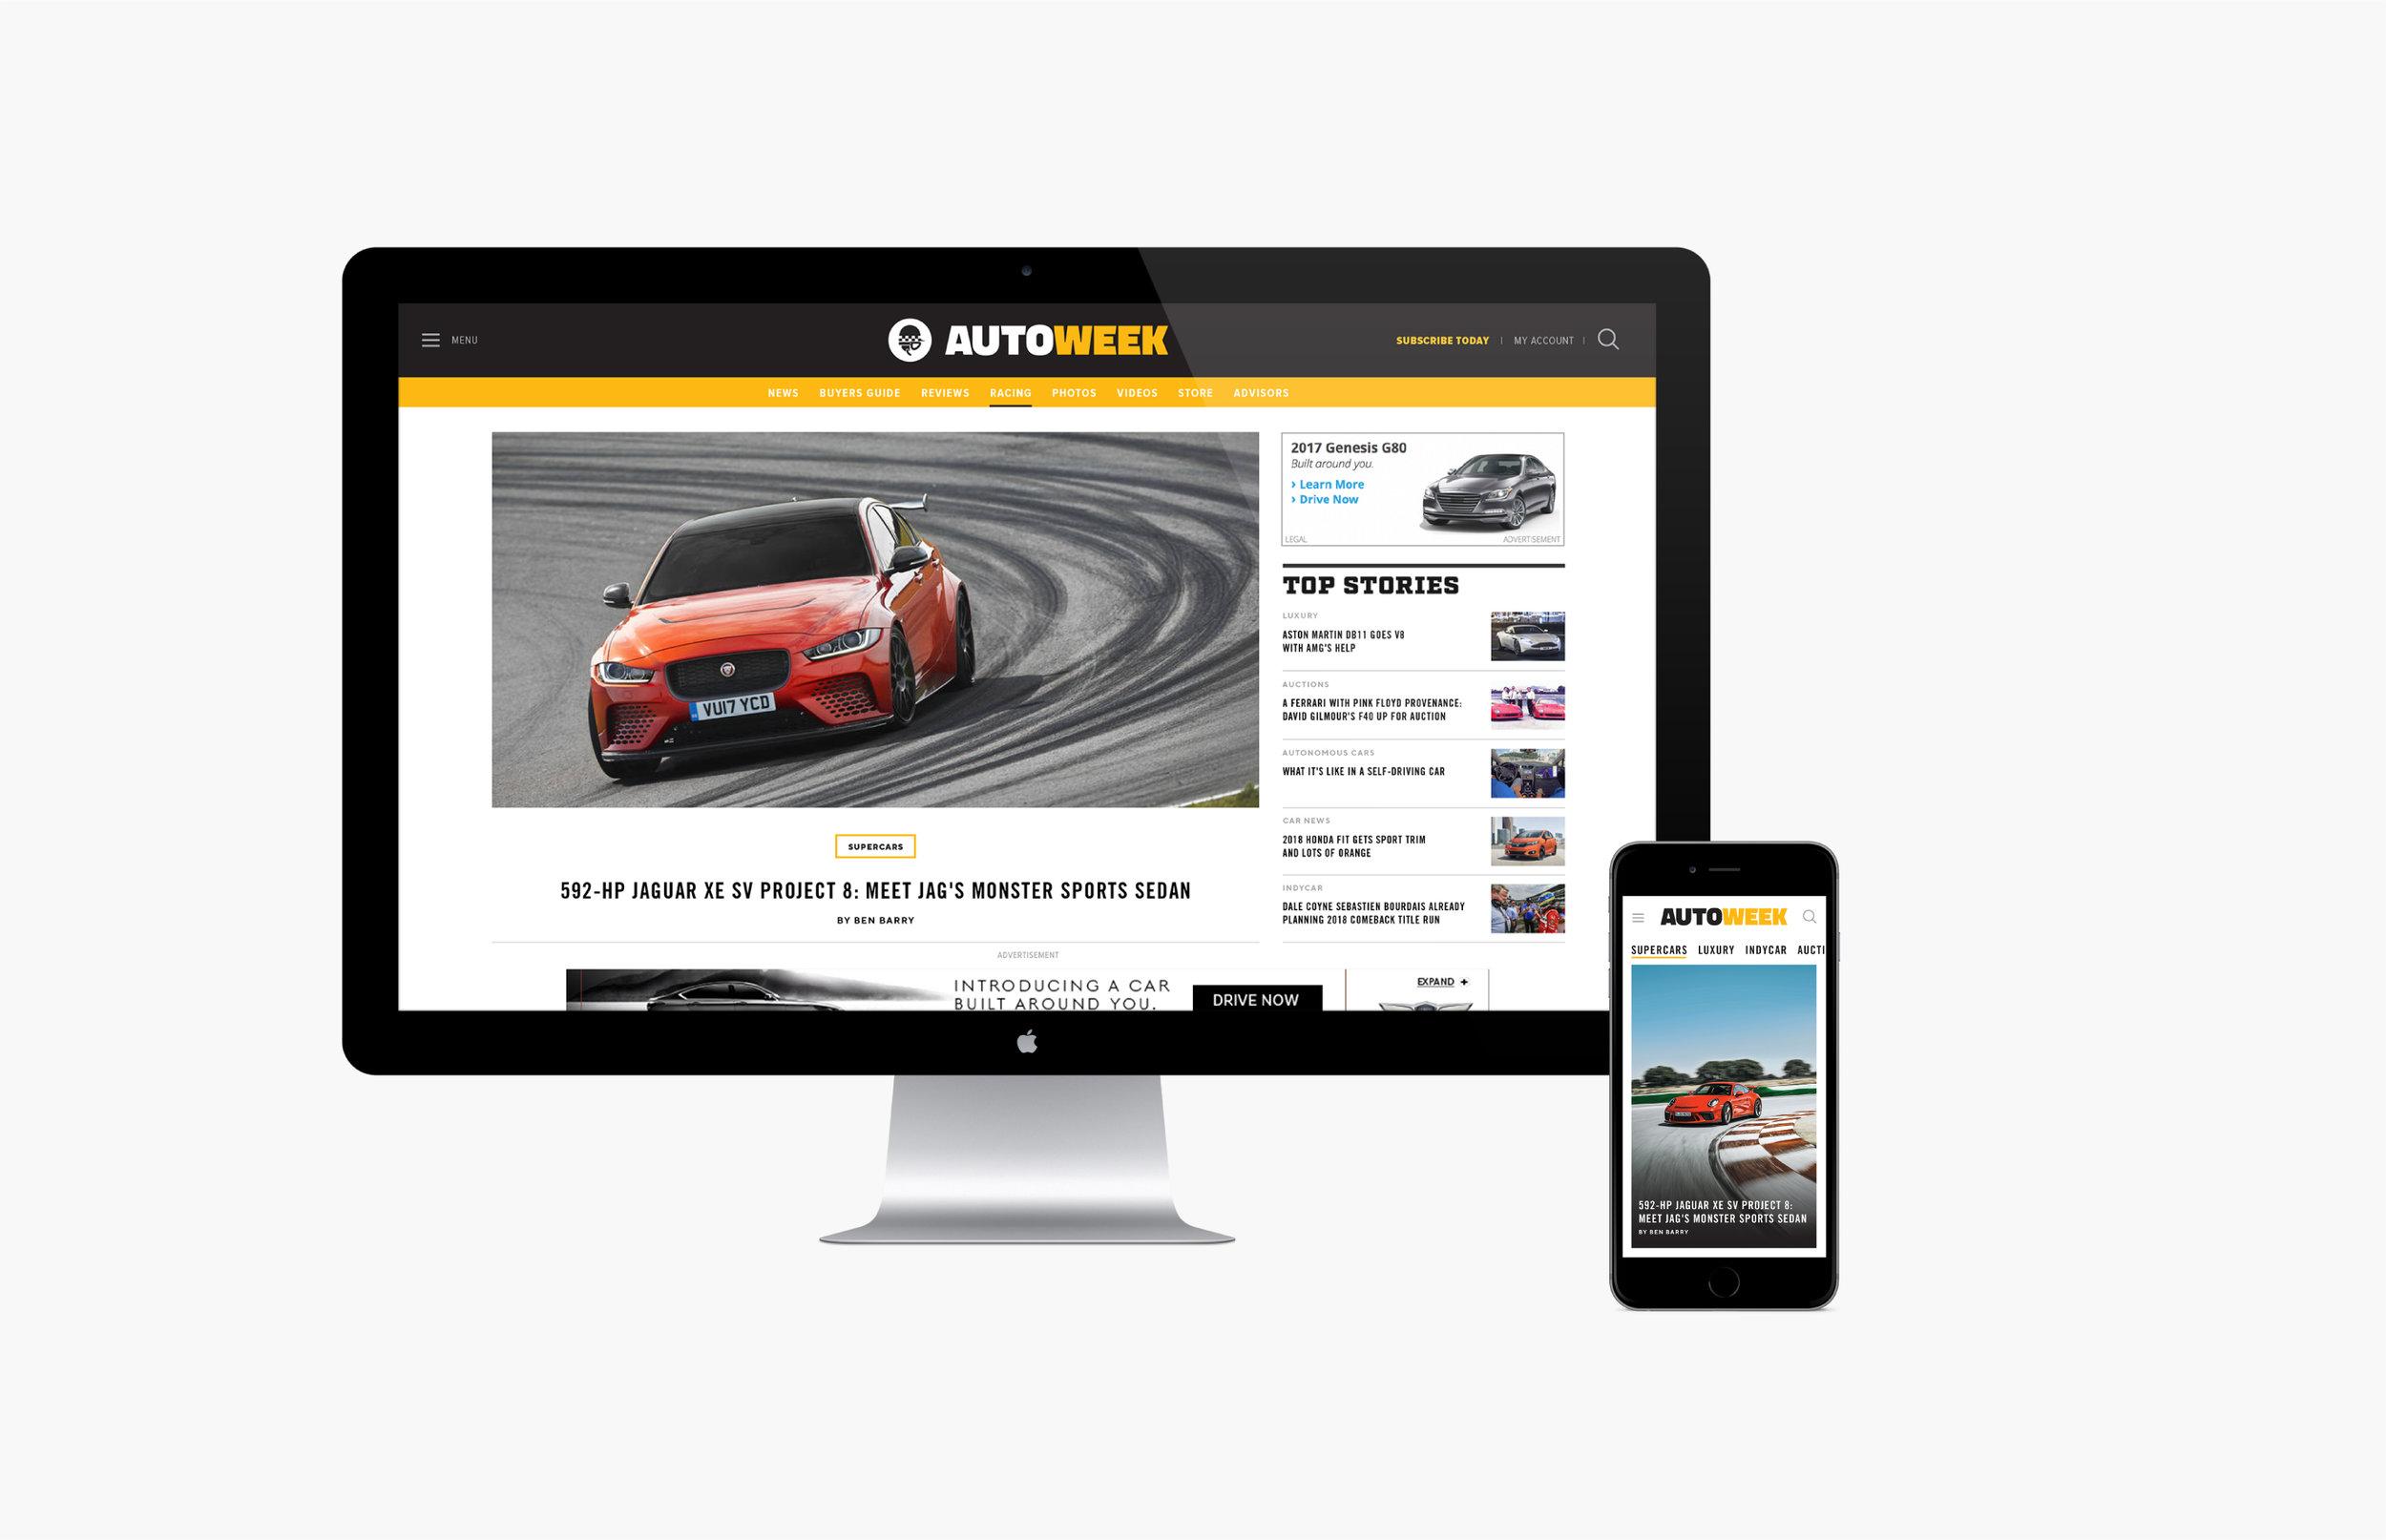 autoweek-online@2x-100.jpg